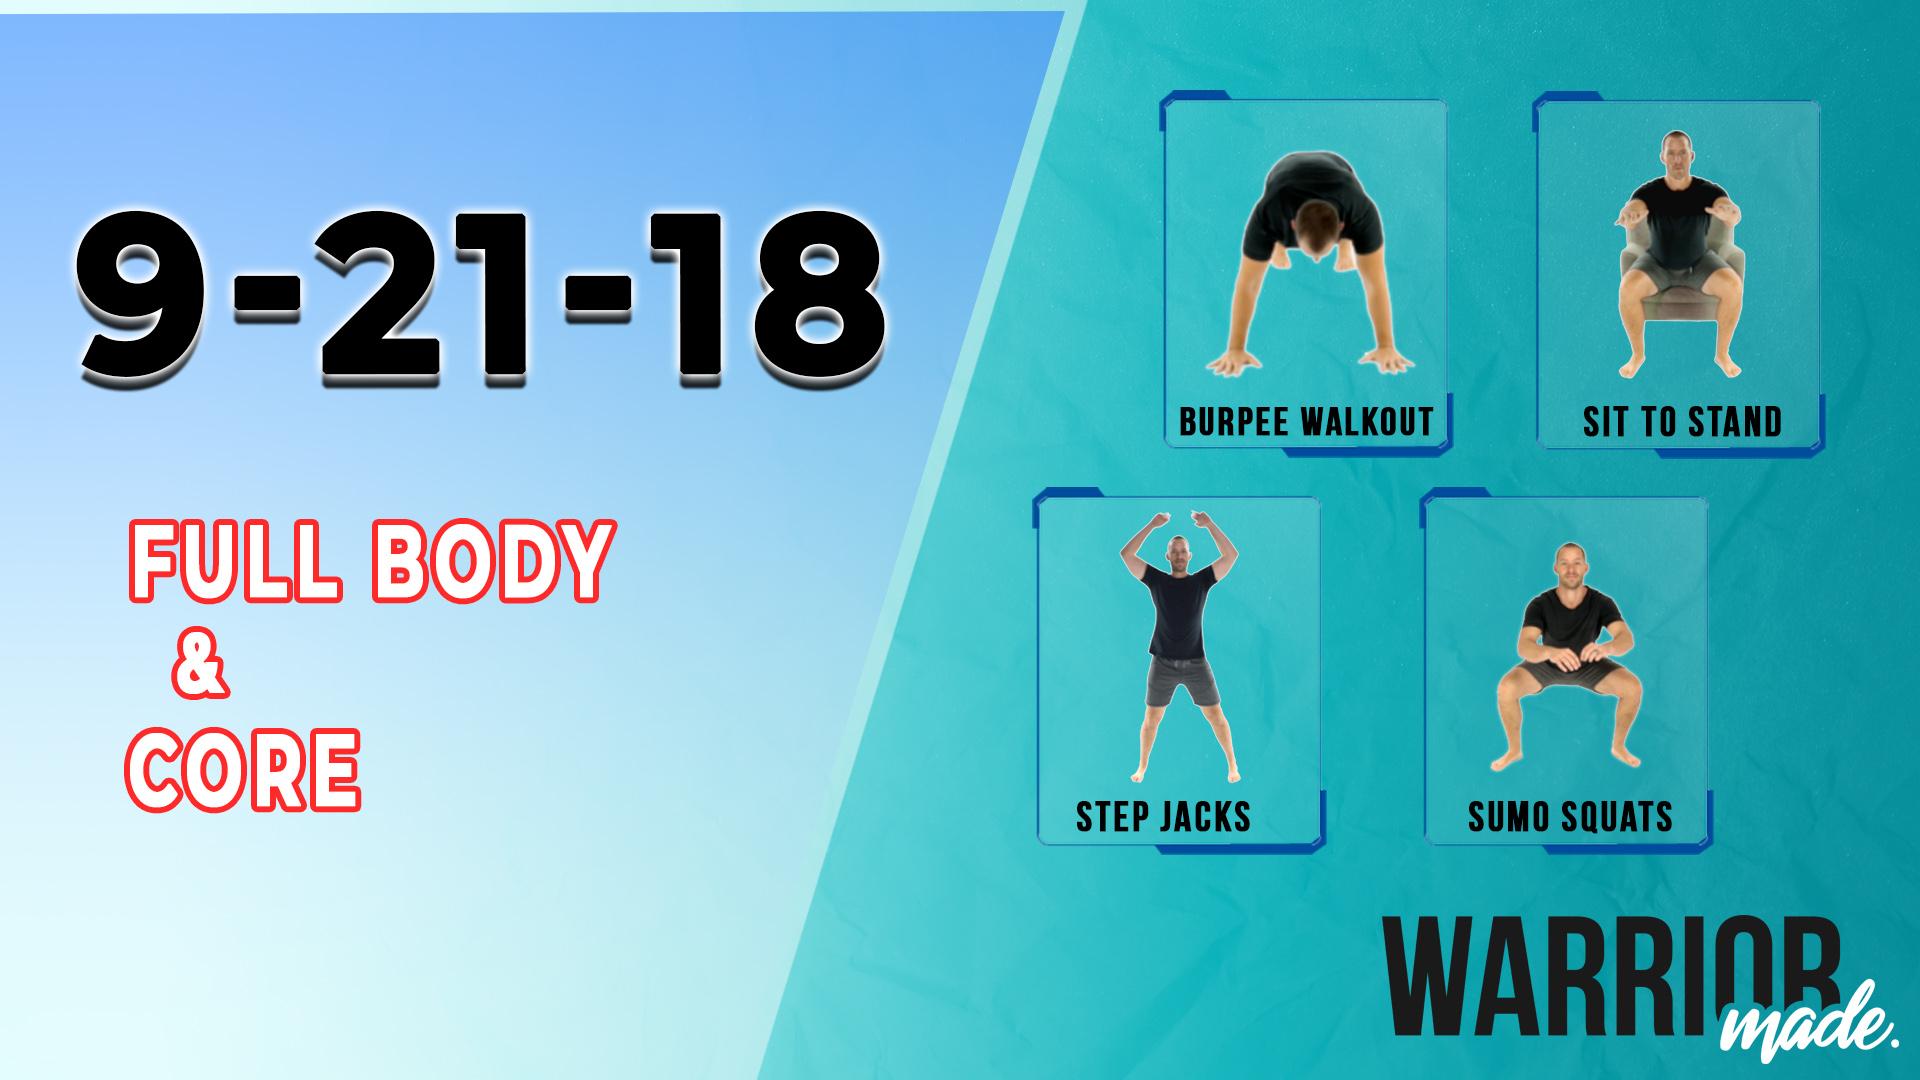 workouts-09-21-18